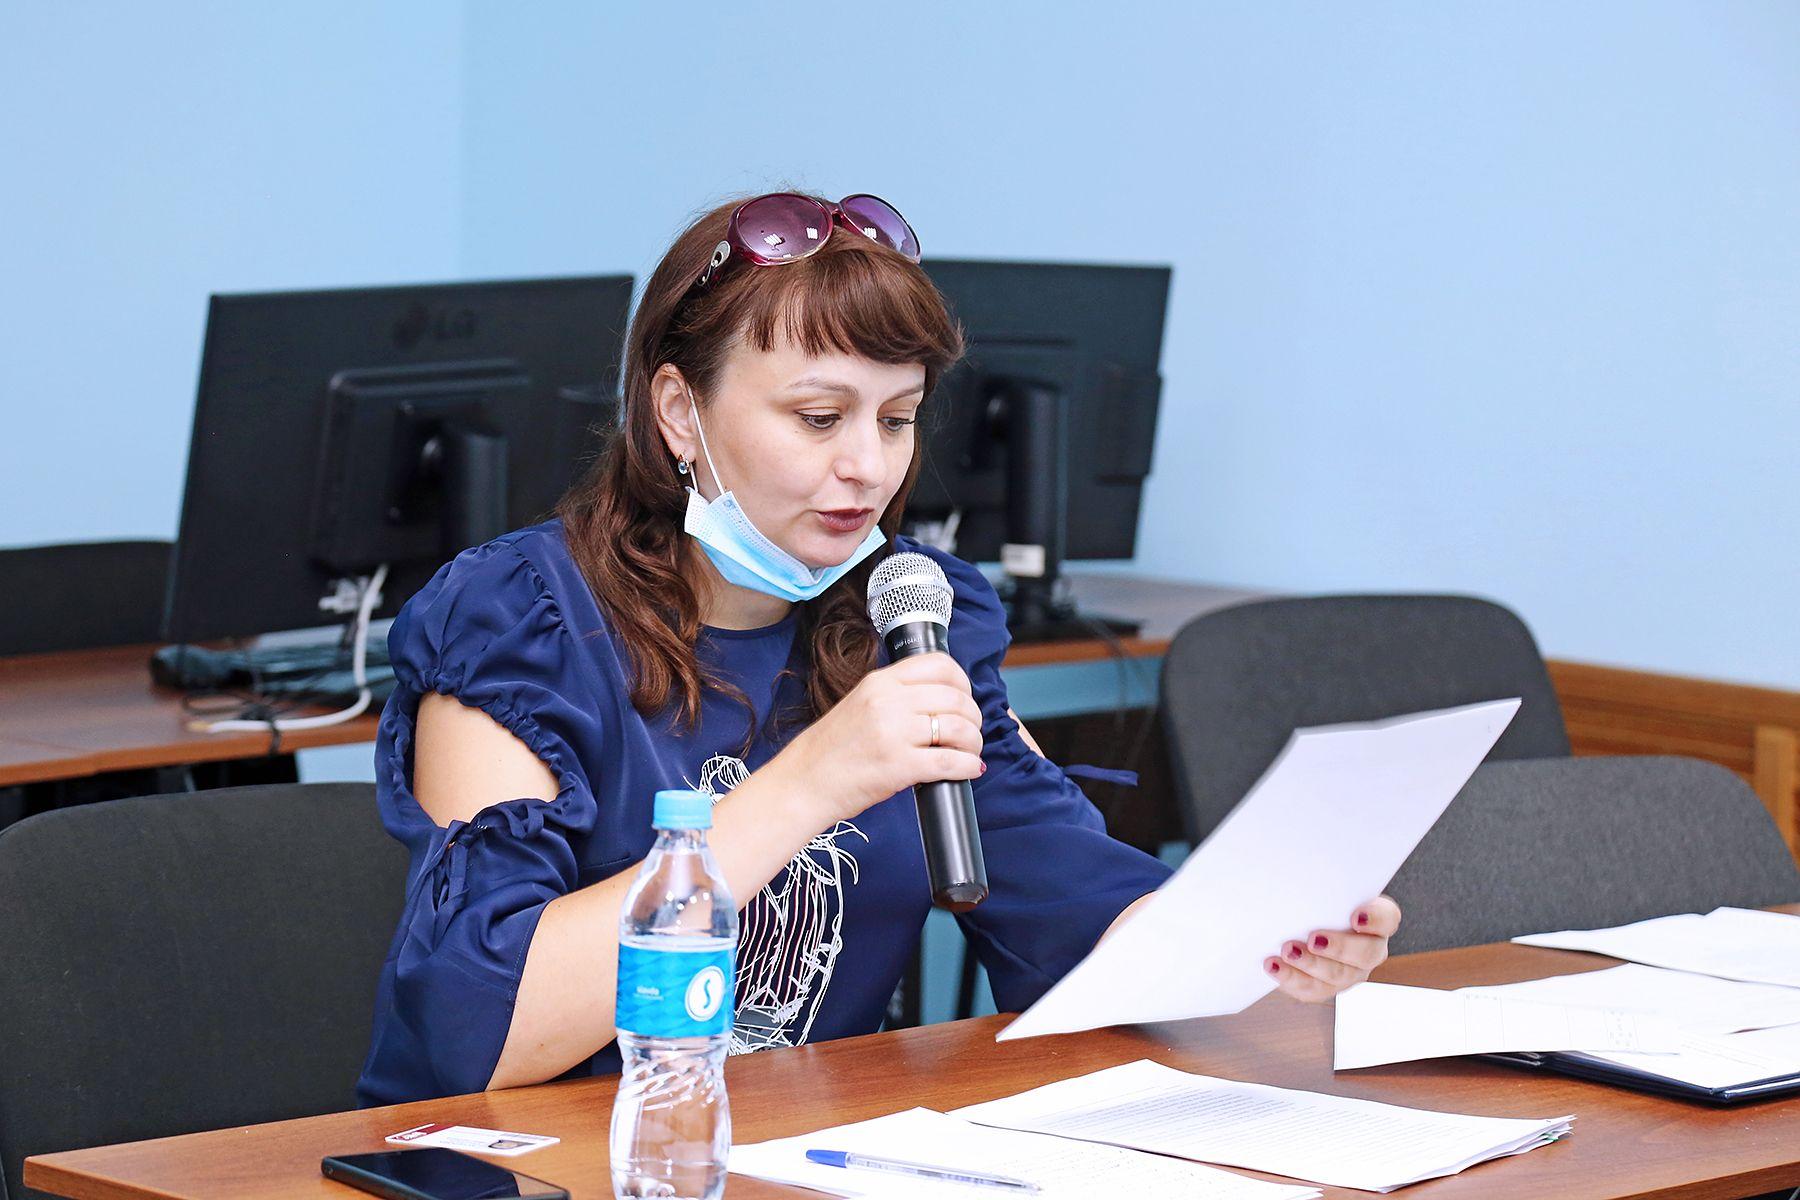 Работодателей заинтересовали выпускные работы магистрантов кафедры математики и моделирования ВГУЭС